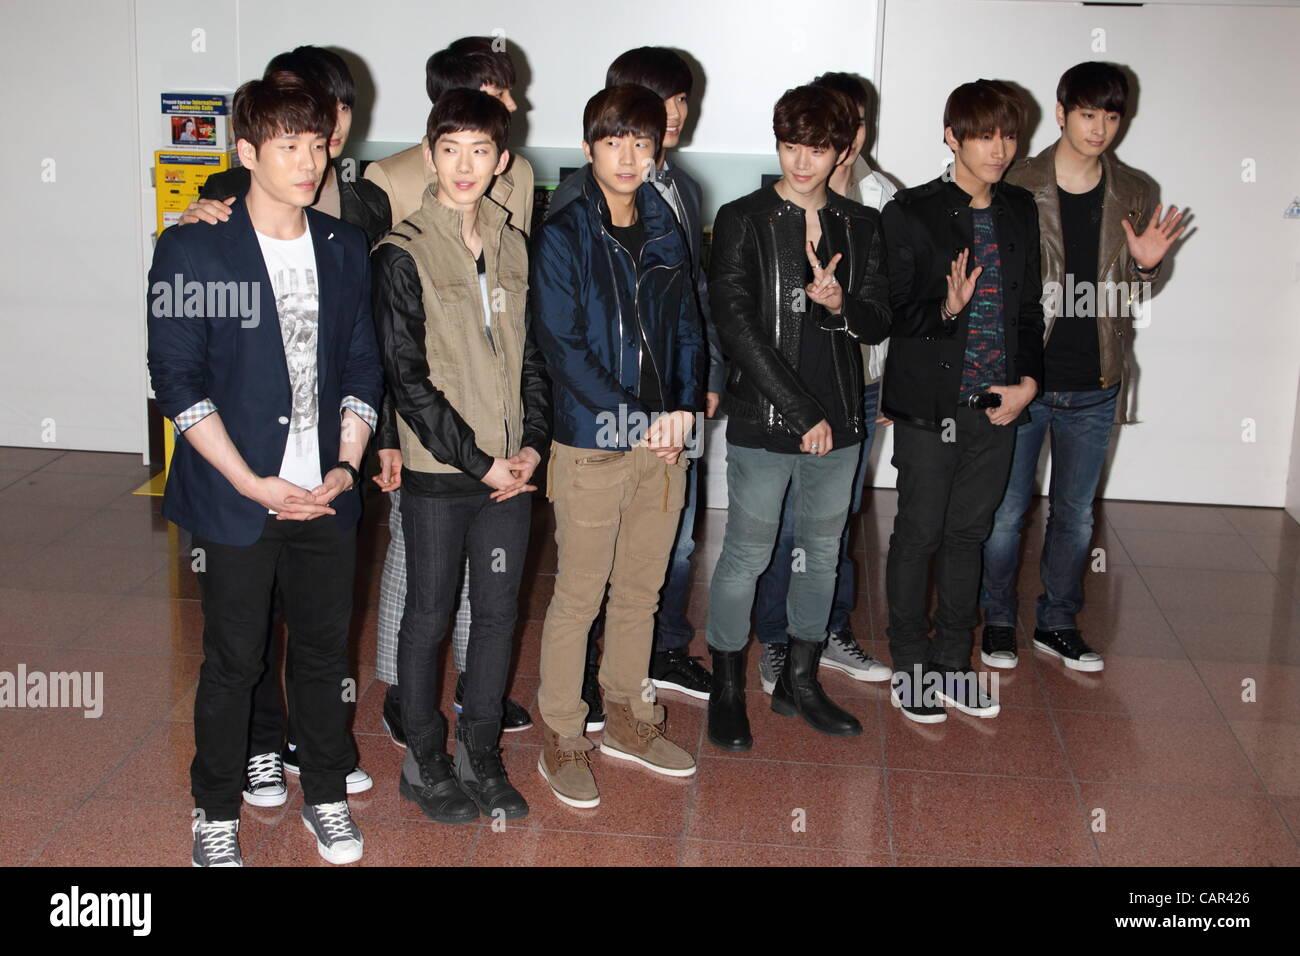 April 10, 2012, Tokyo, Japan - Korean pop group '2PM 2AM' arrives at